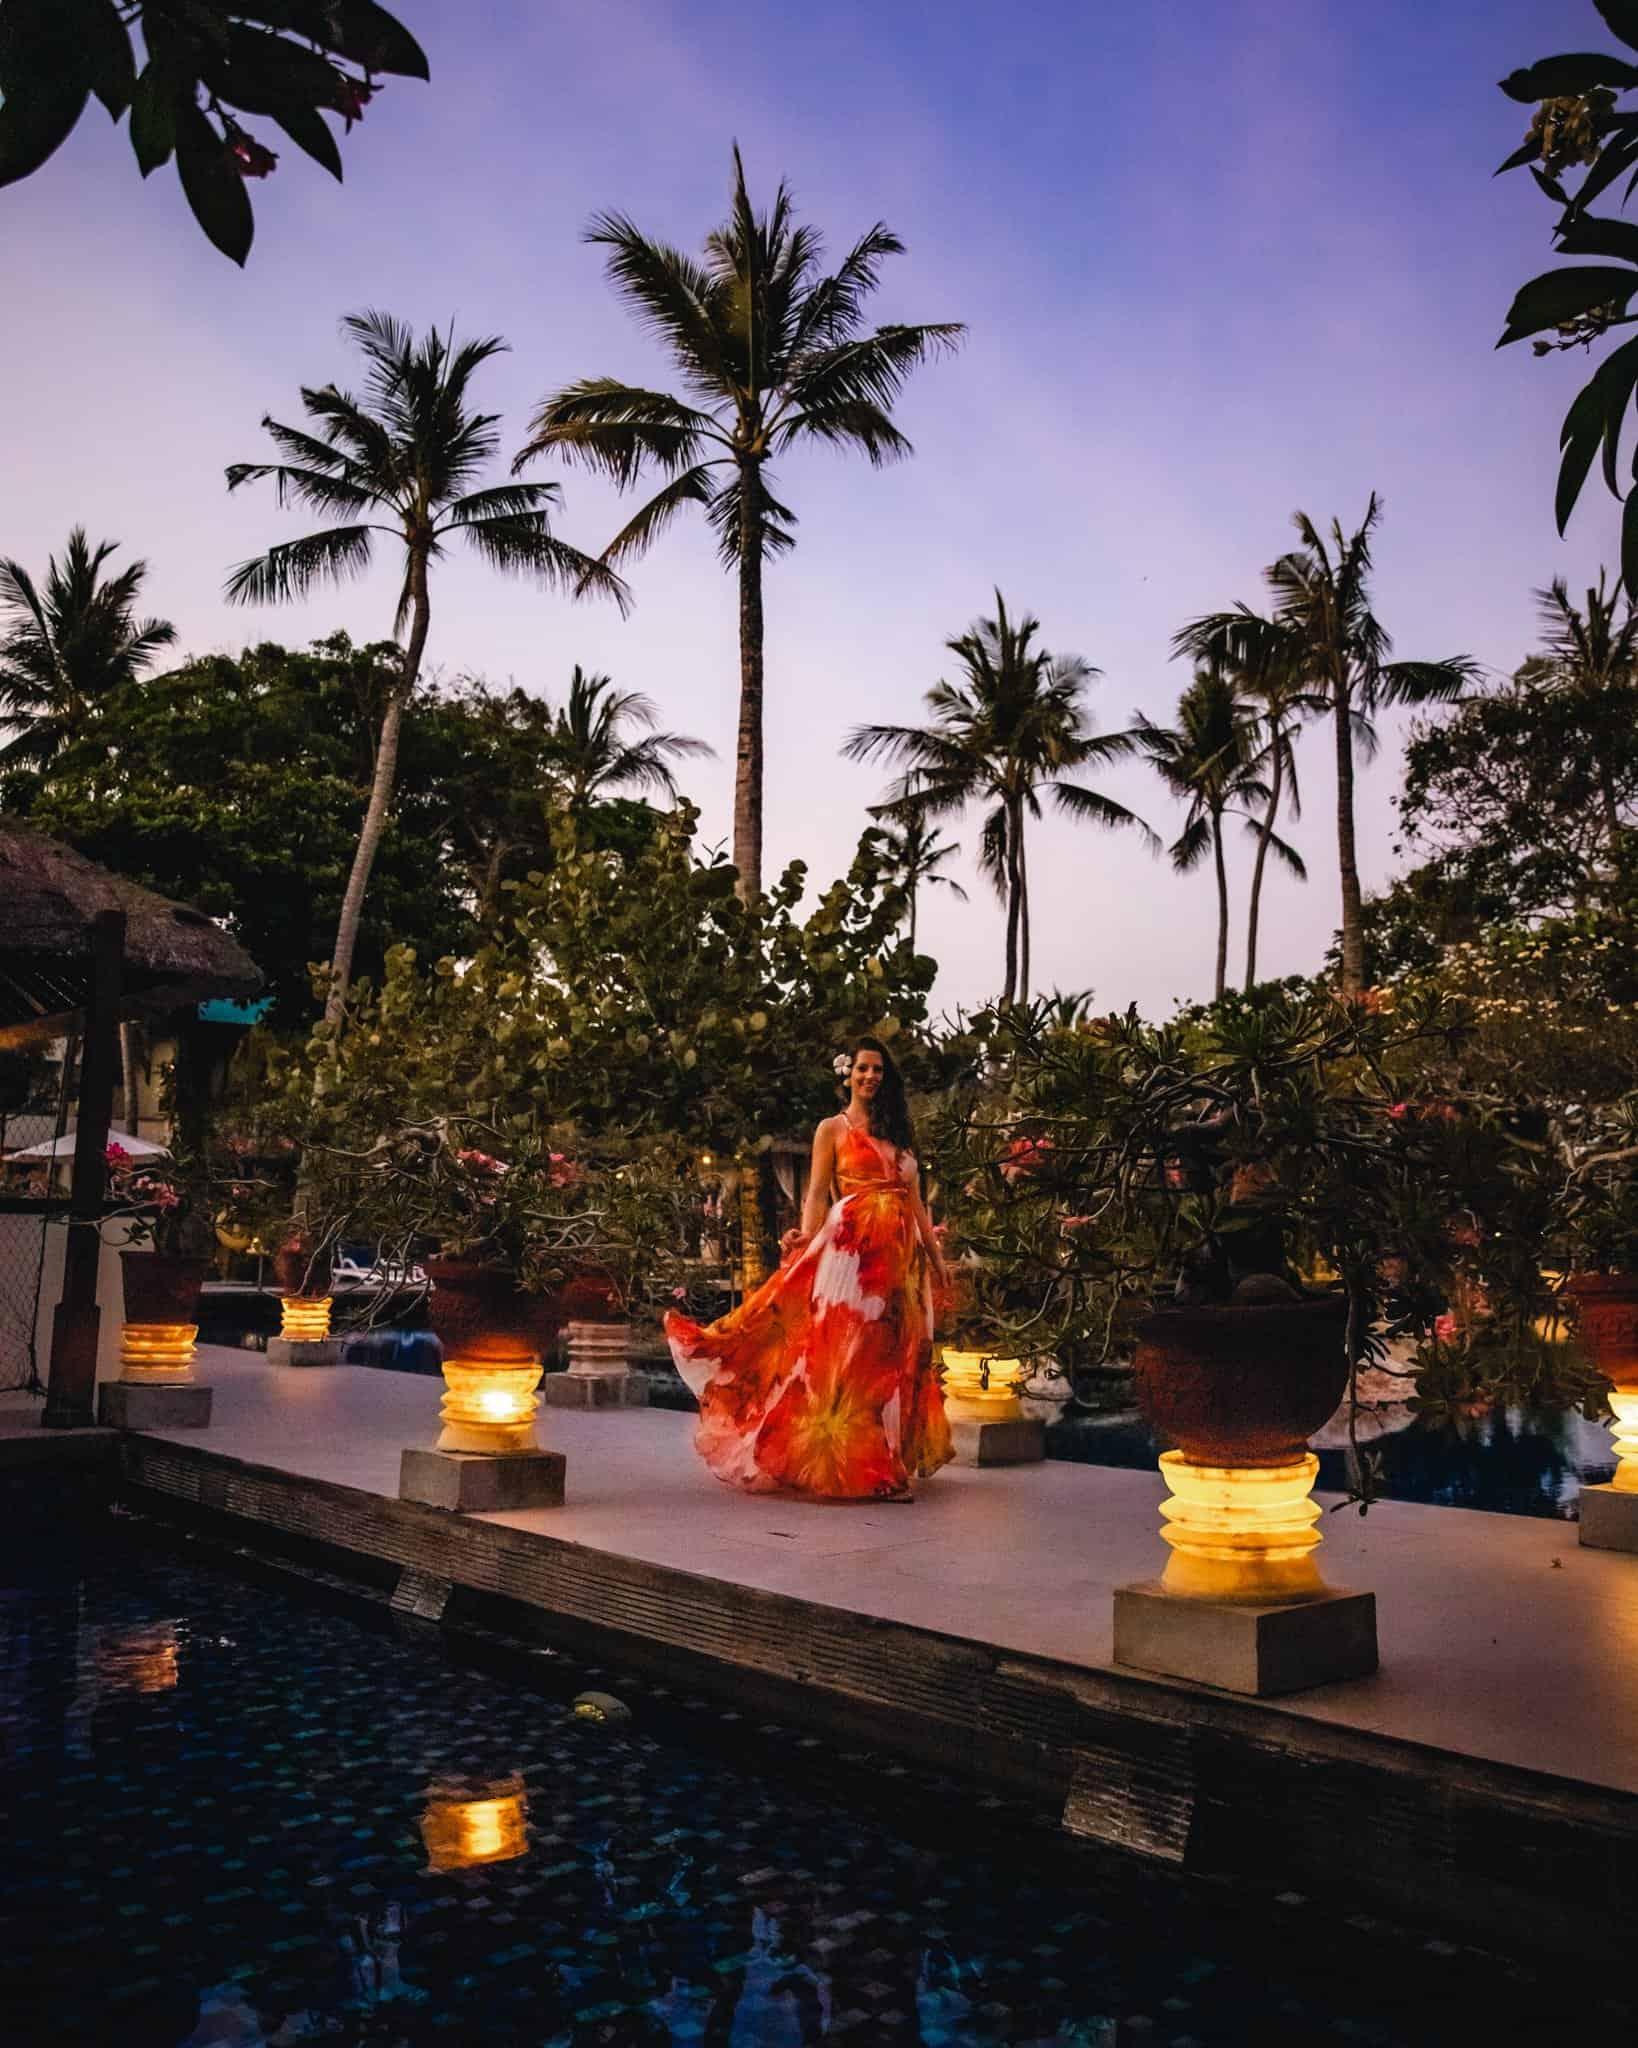 Dinner at Nusa Dua Beach Hotel and Spa Bali - The Next Trip